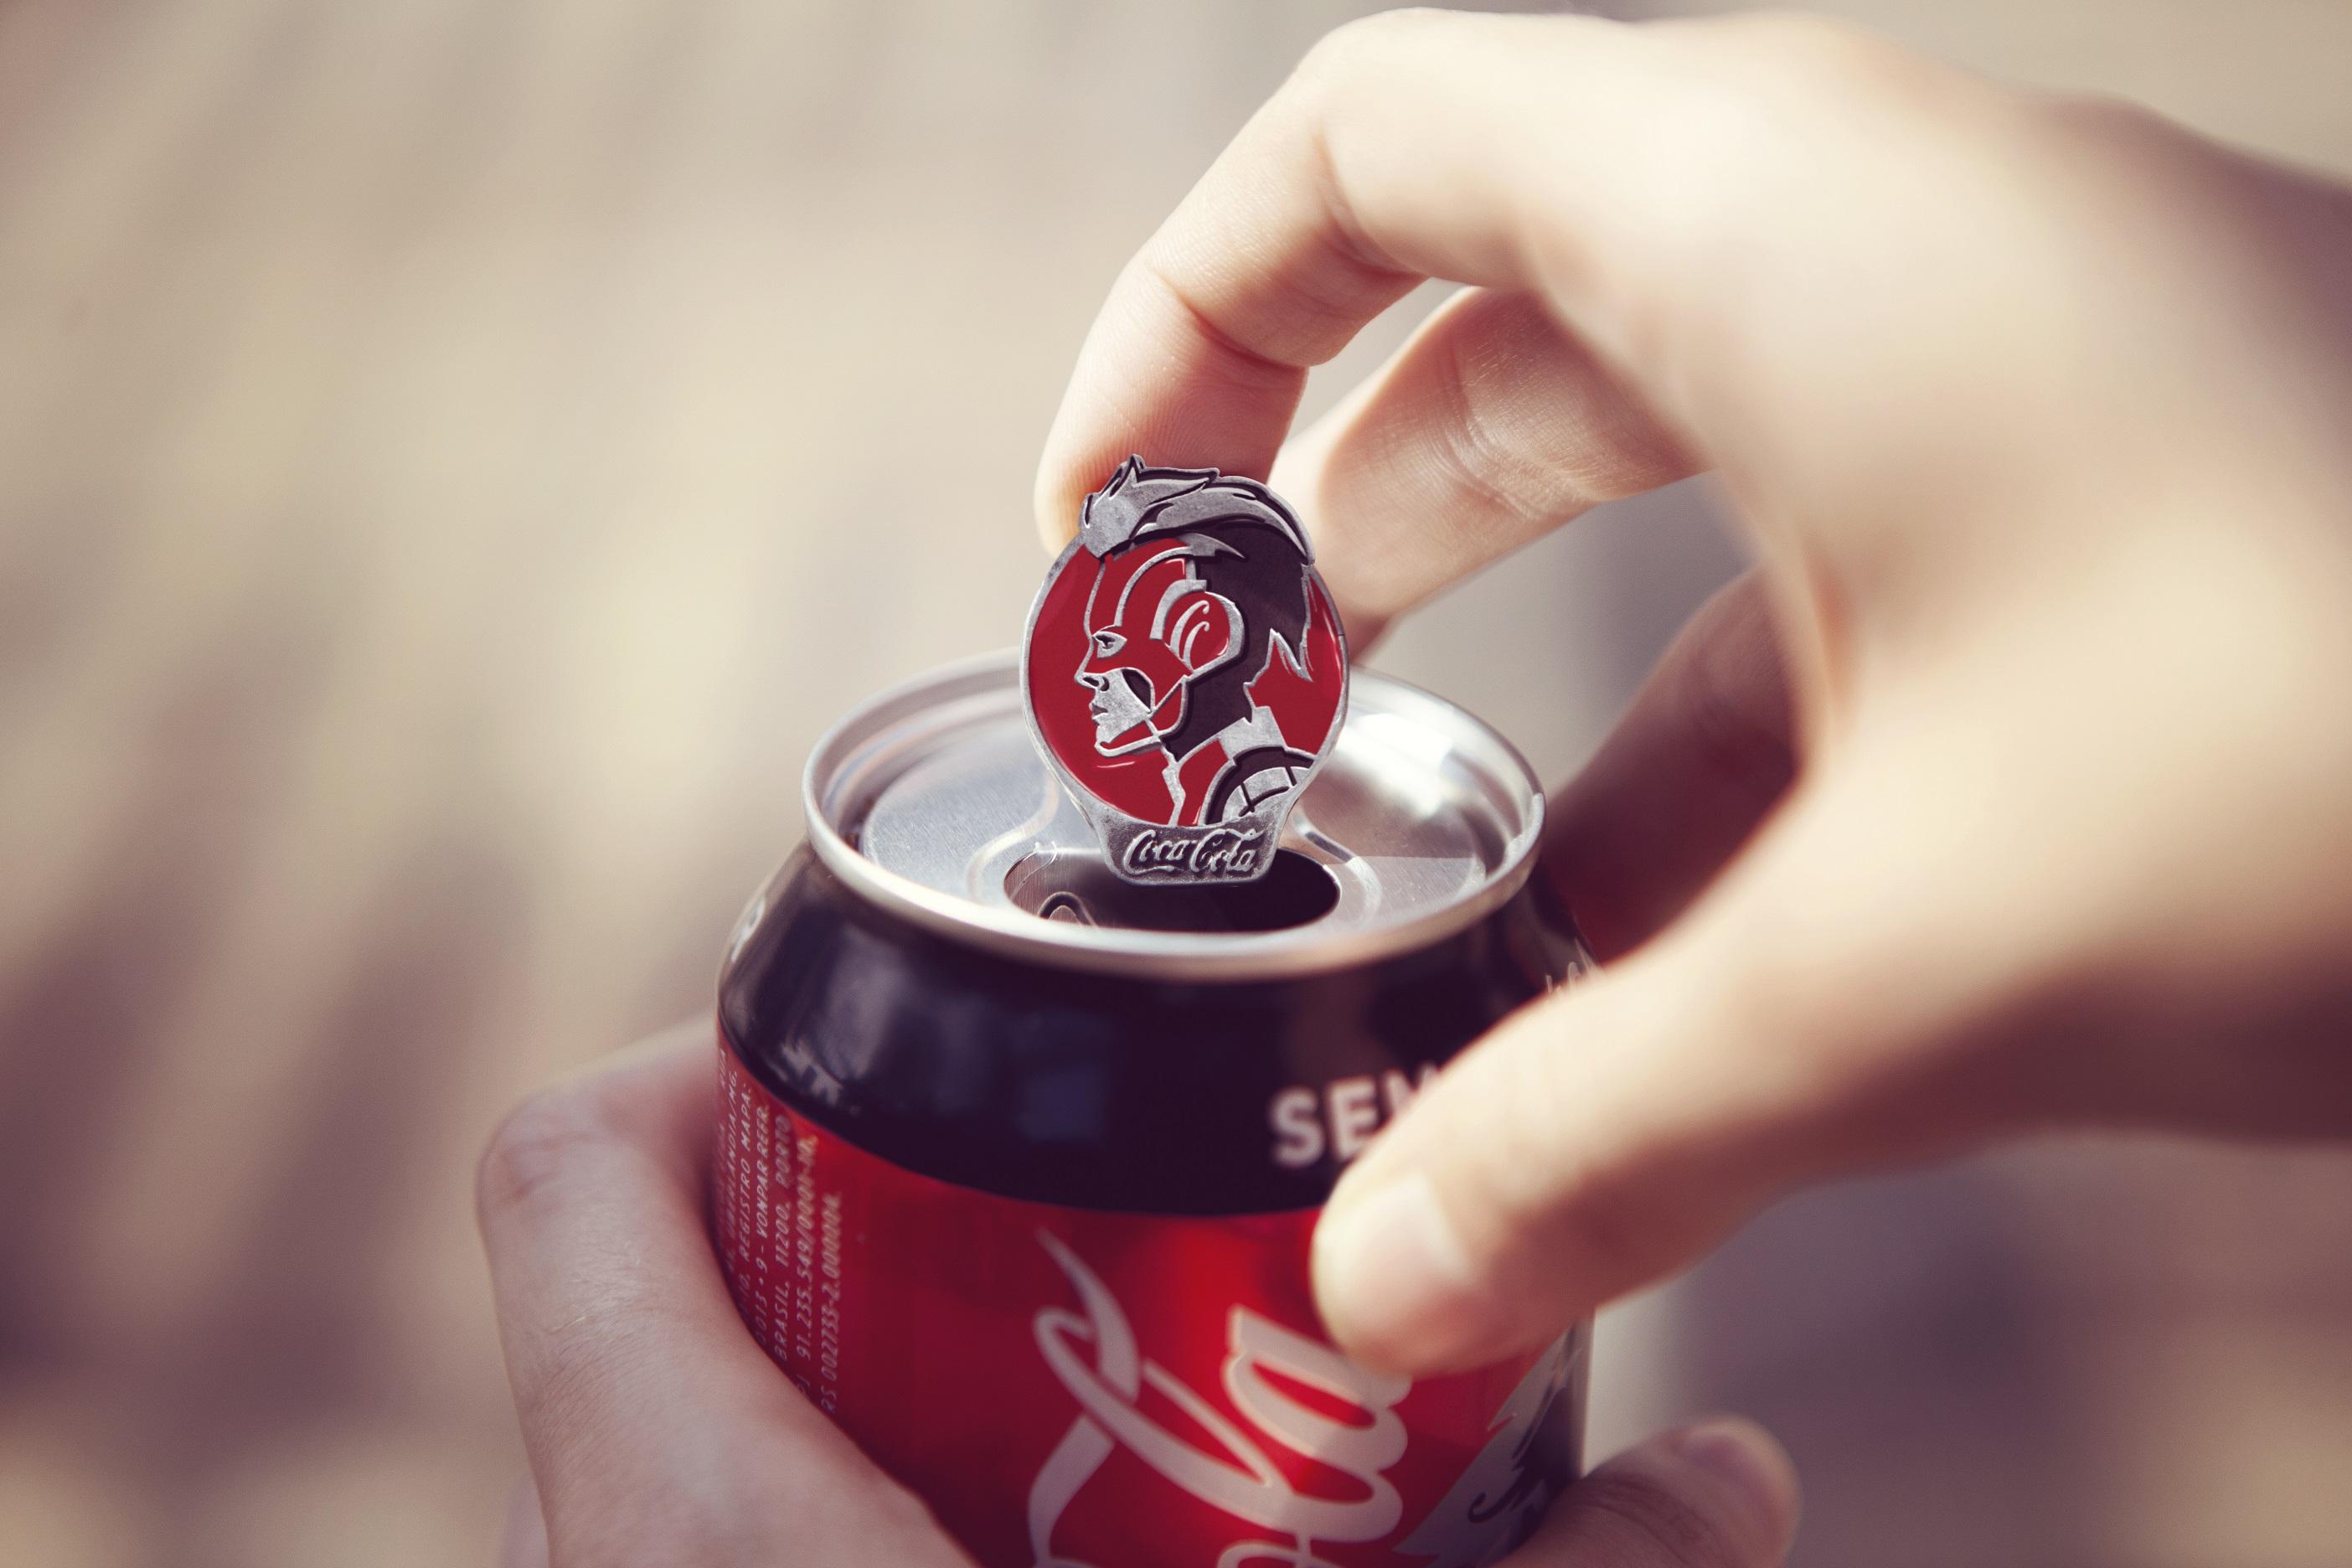 Uma Coca-Cola com uma com um pin da Capitã Marvel.